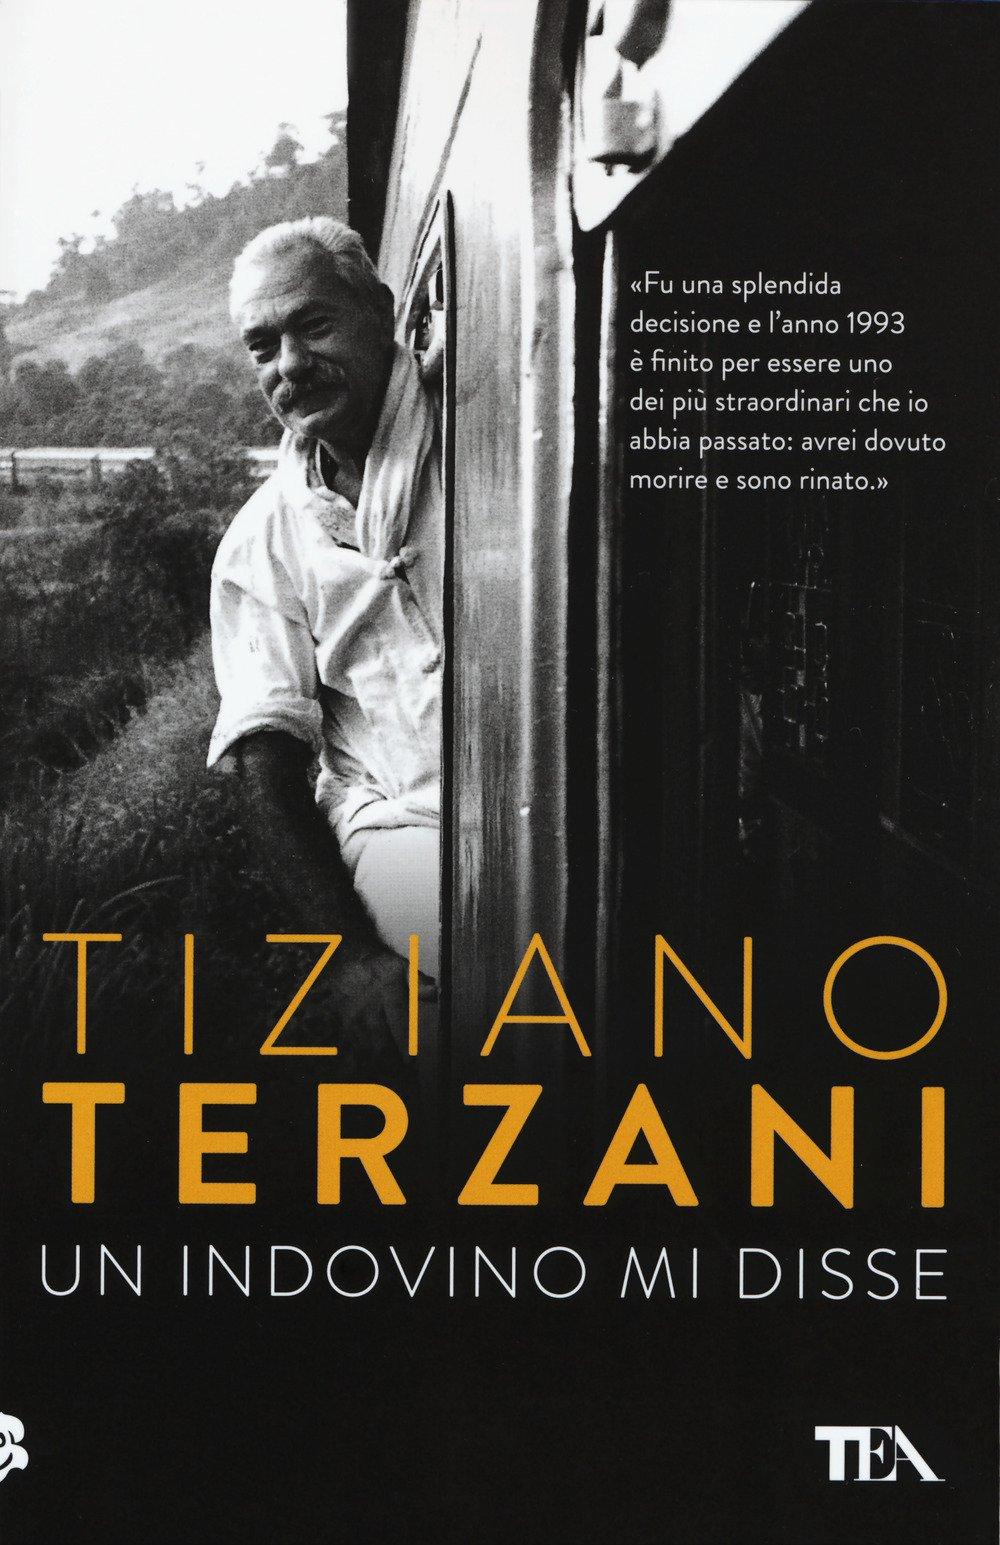 Amazon.it: Un indovino mi disse - Terzani, Tiziano - Libri